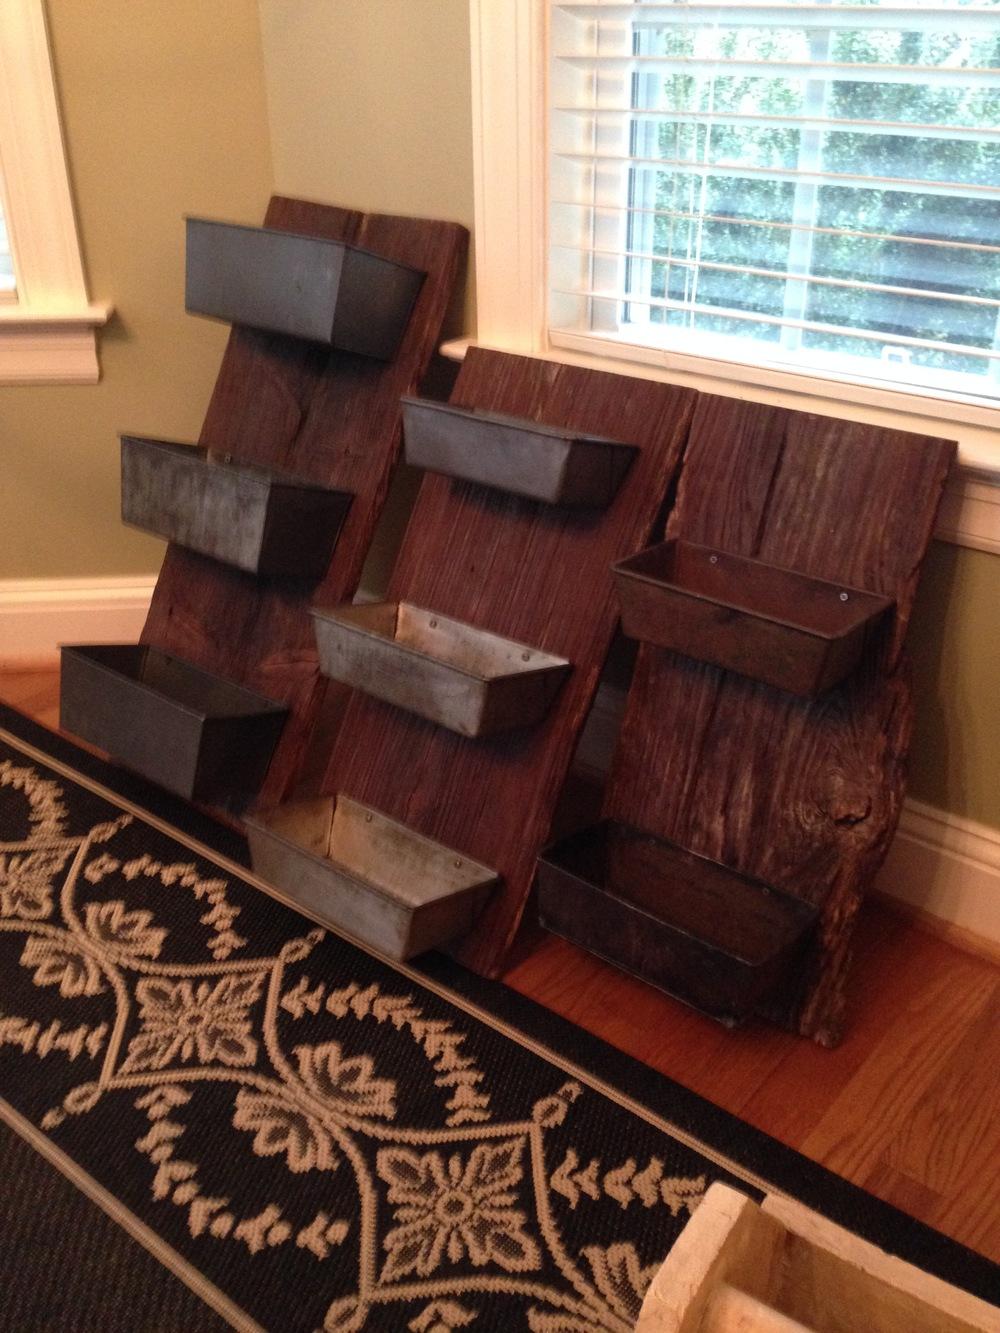 Barn wood wall bins